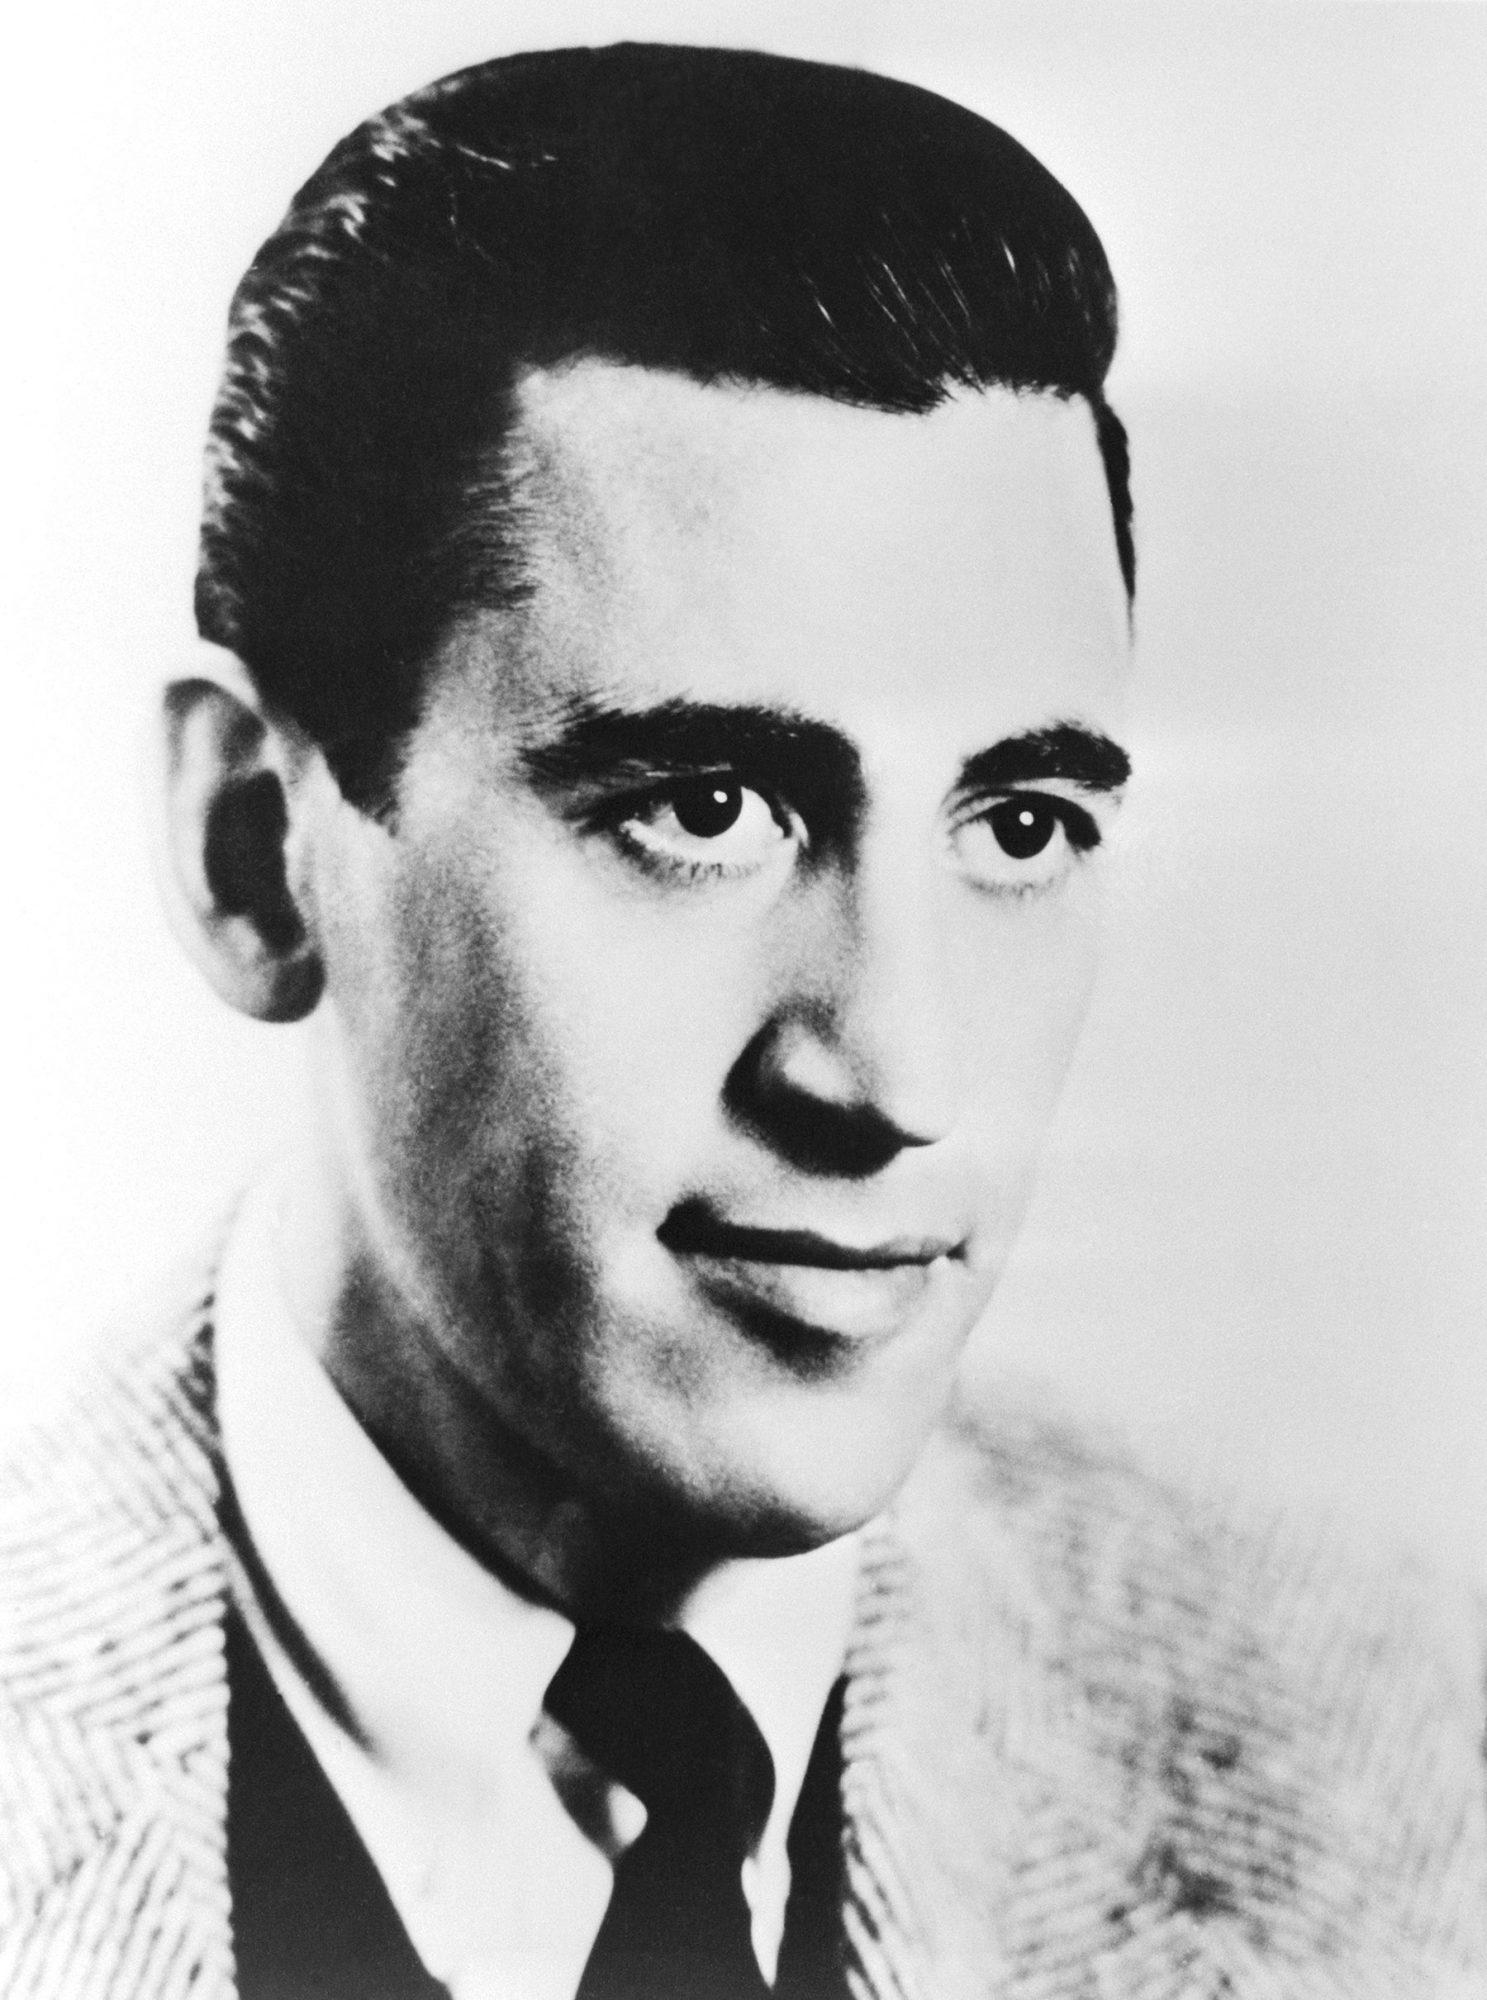 Author J.D. Salinger